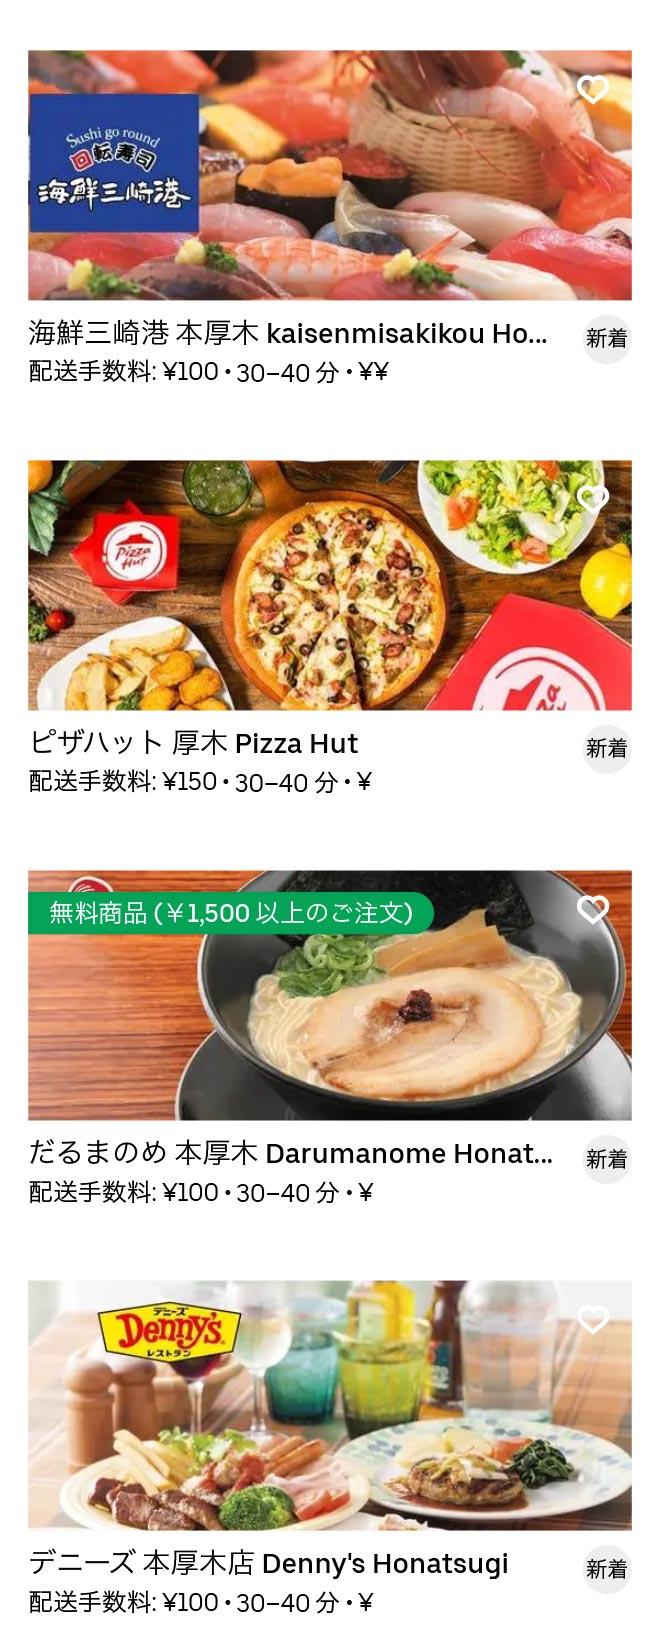 Honatsugi menu 2010 02